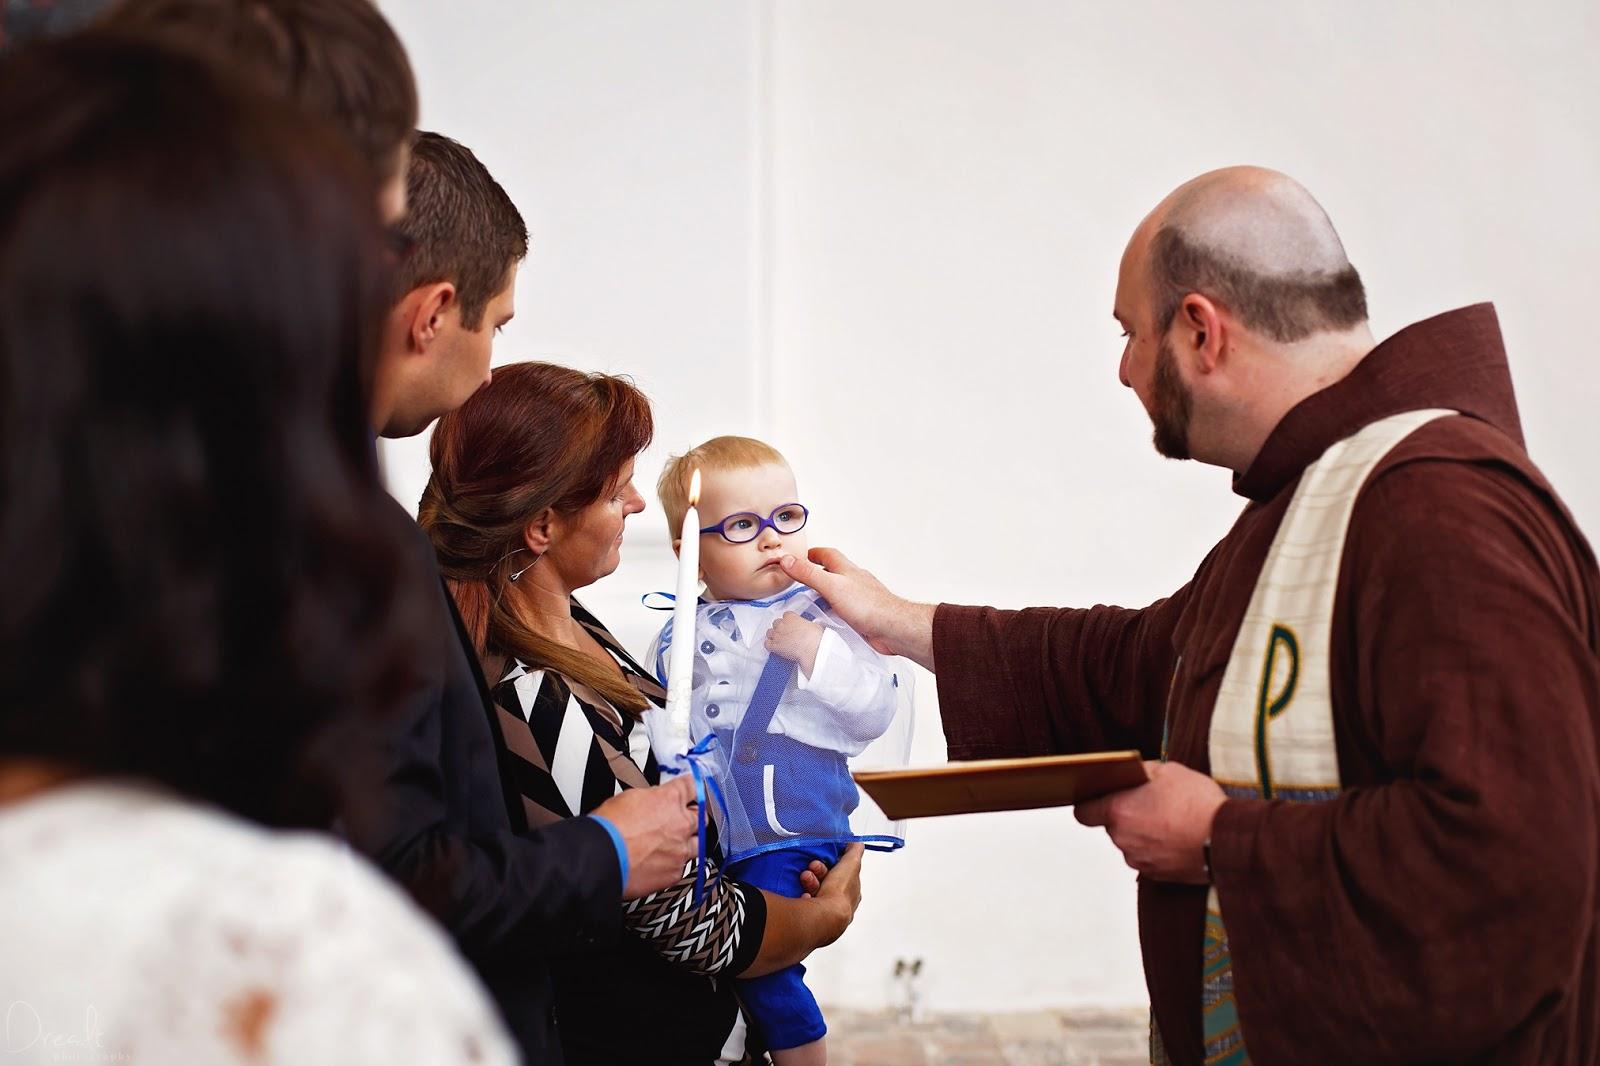 Krikštynų ceremonija. Žvakės uždegimas